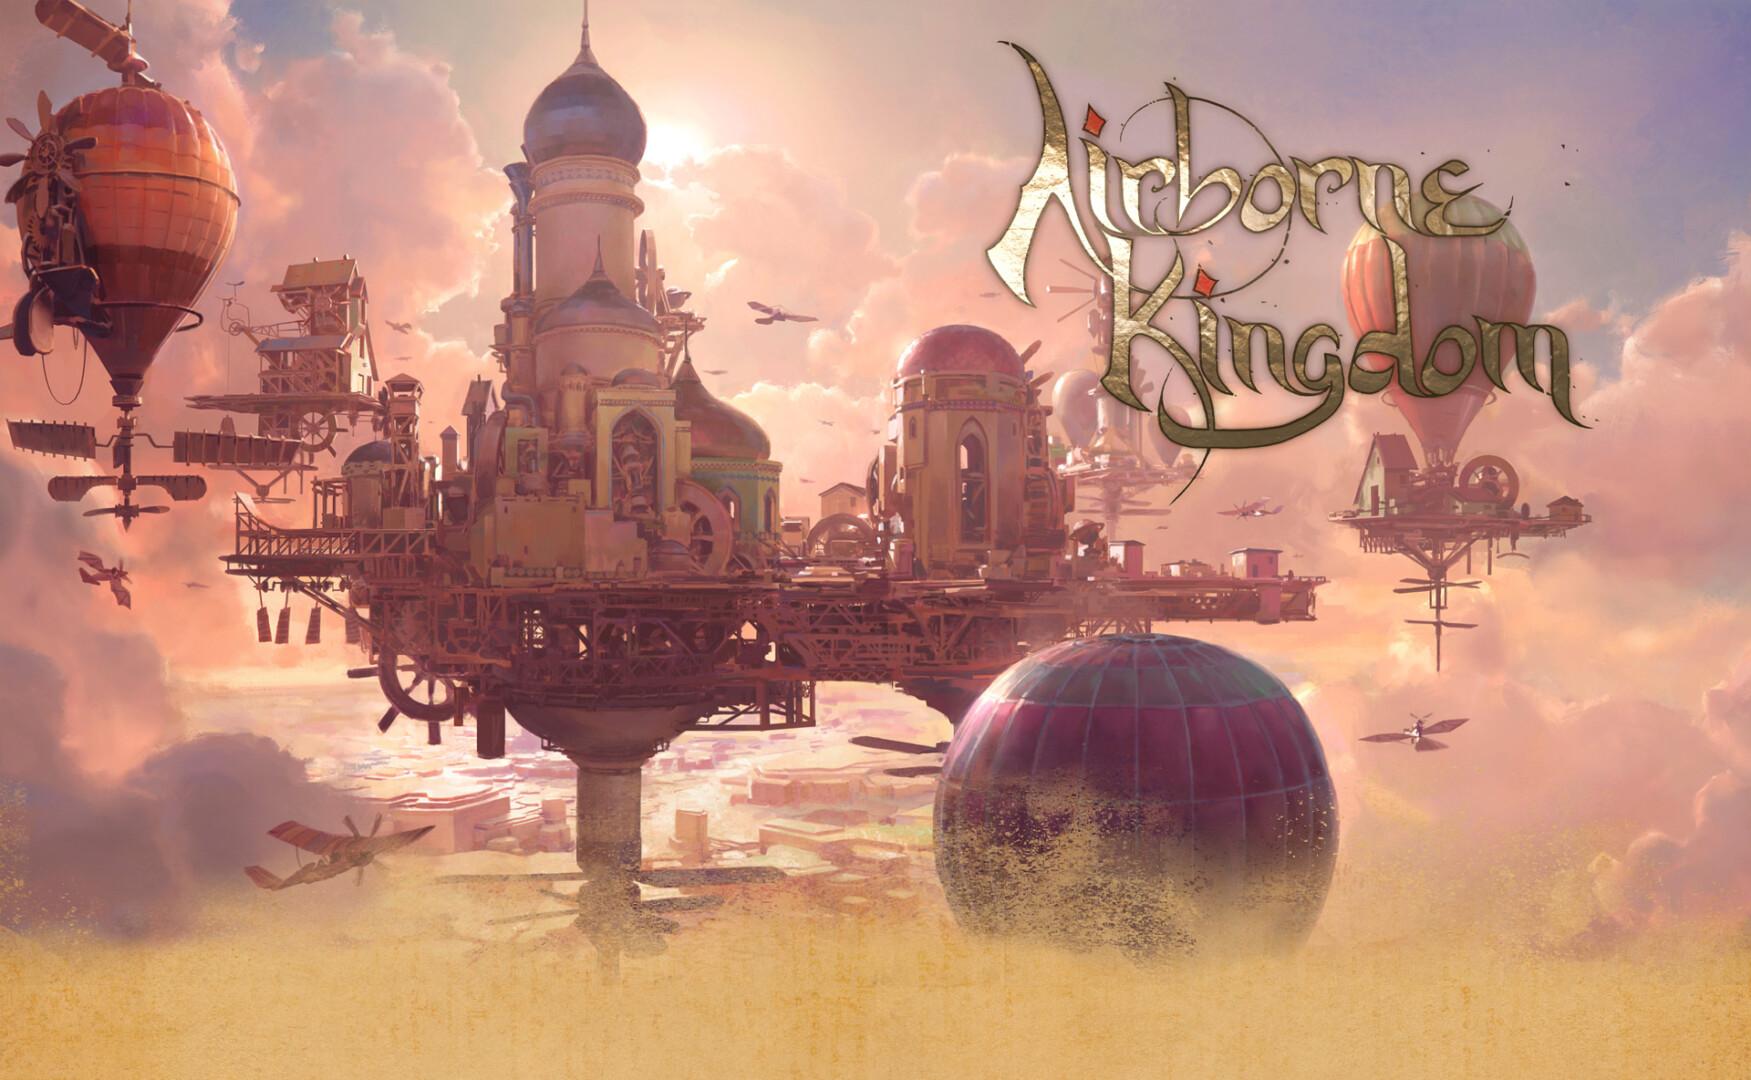 Airborne Kingdom estará disponible en PC a partir de diciembre